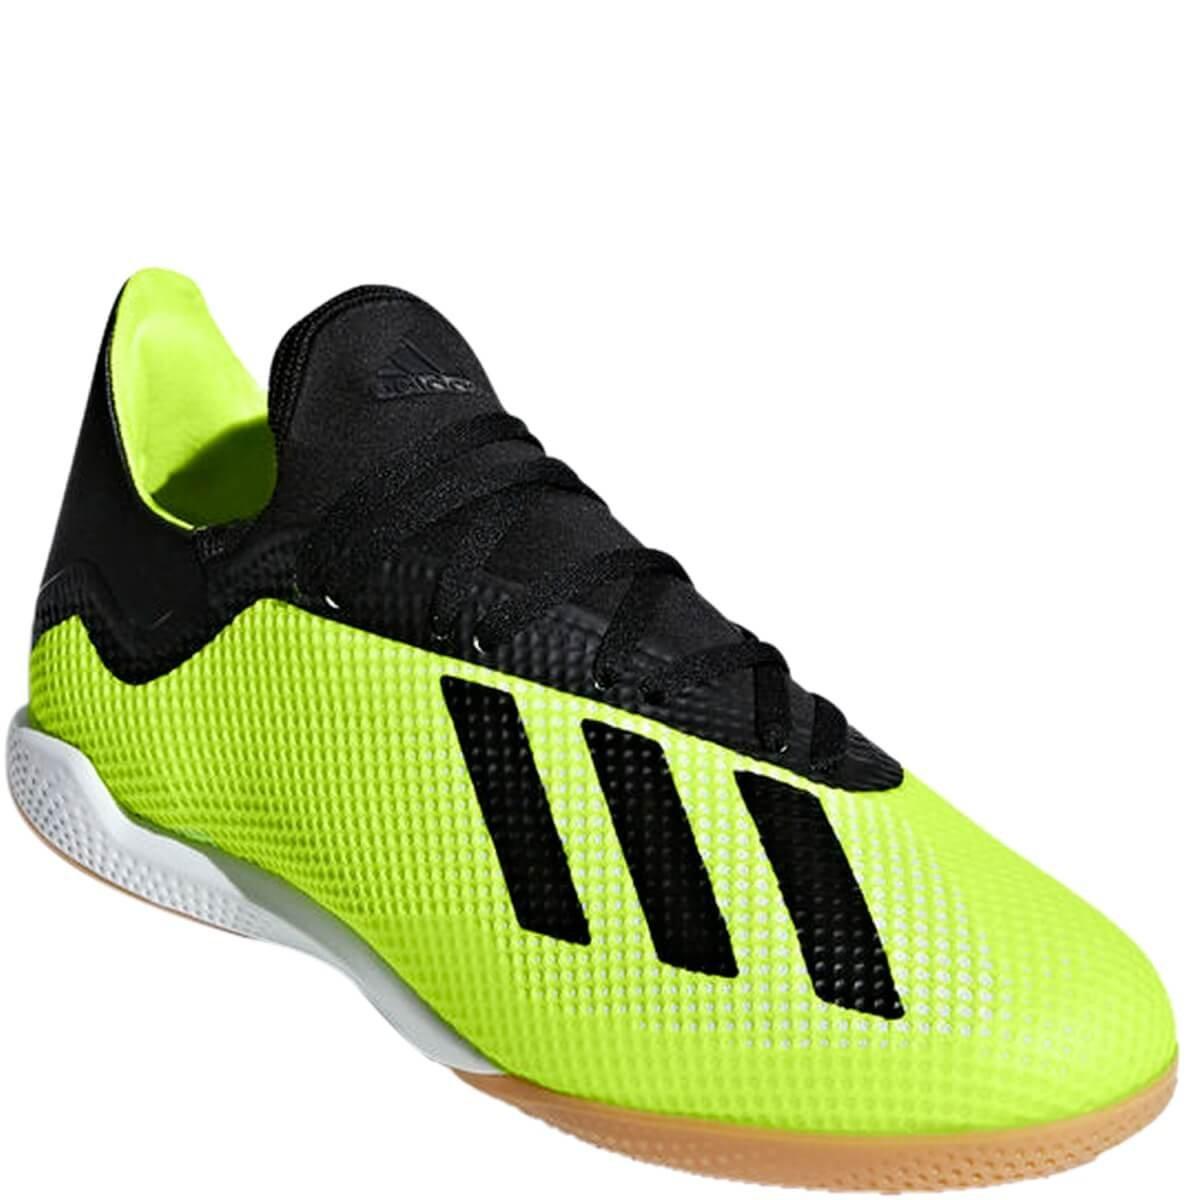 10cbd1cf61eeb Bizz Store - Chuteira Masculina Futsal Adidas X Tango 18.3